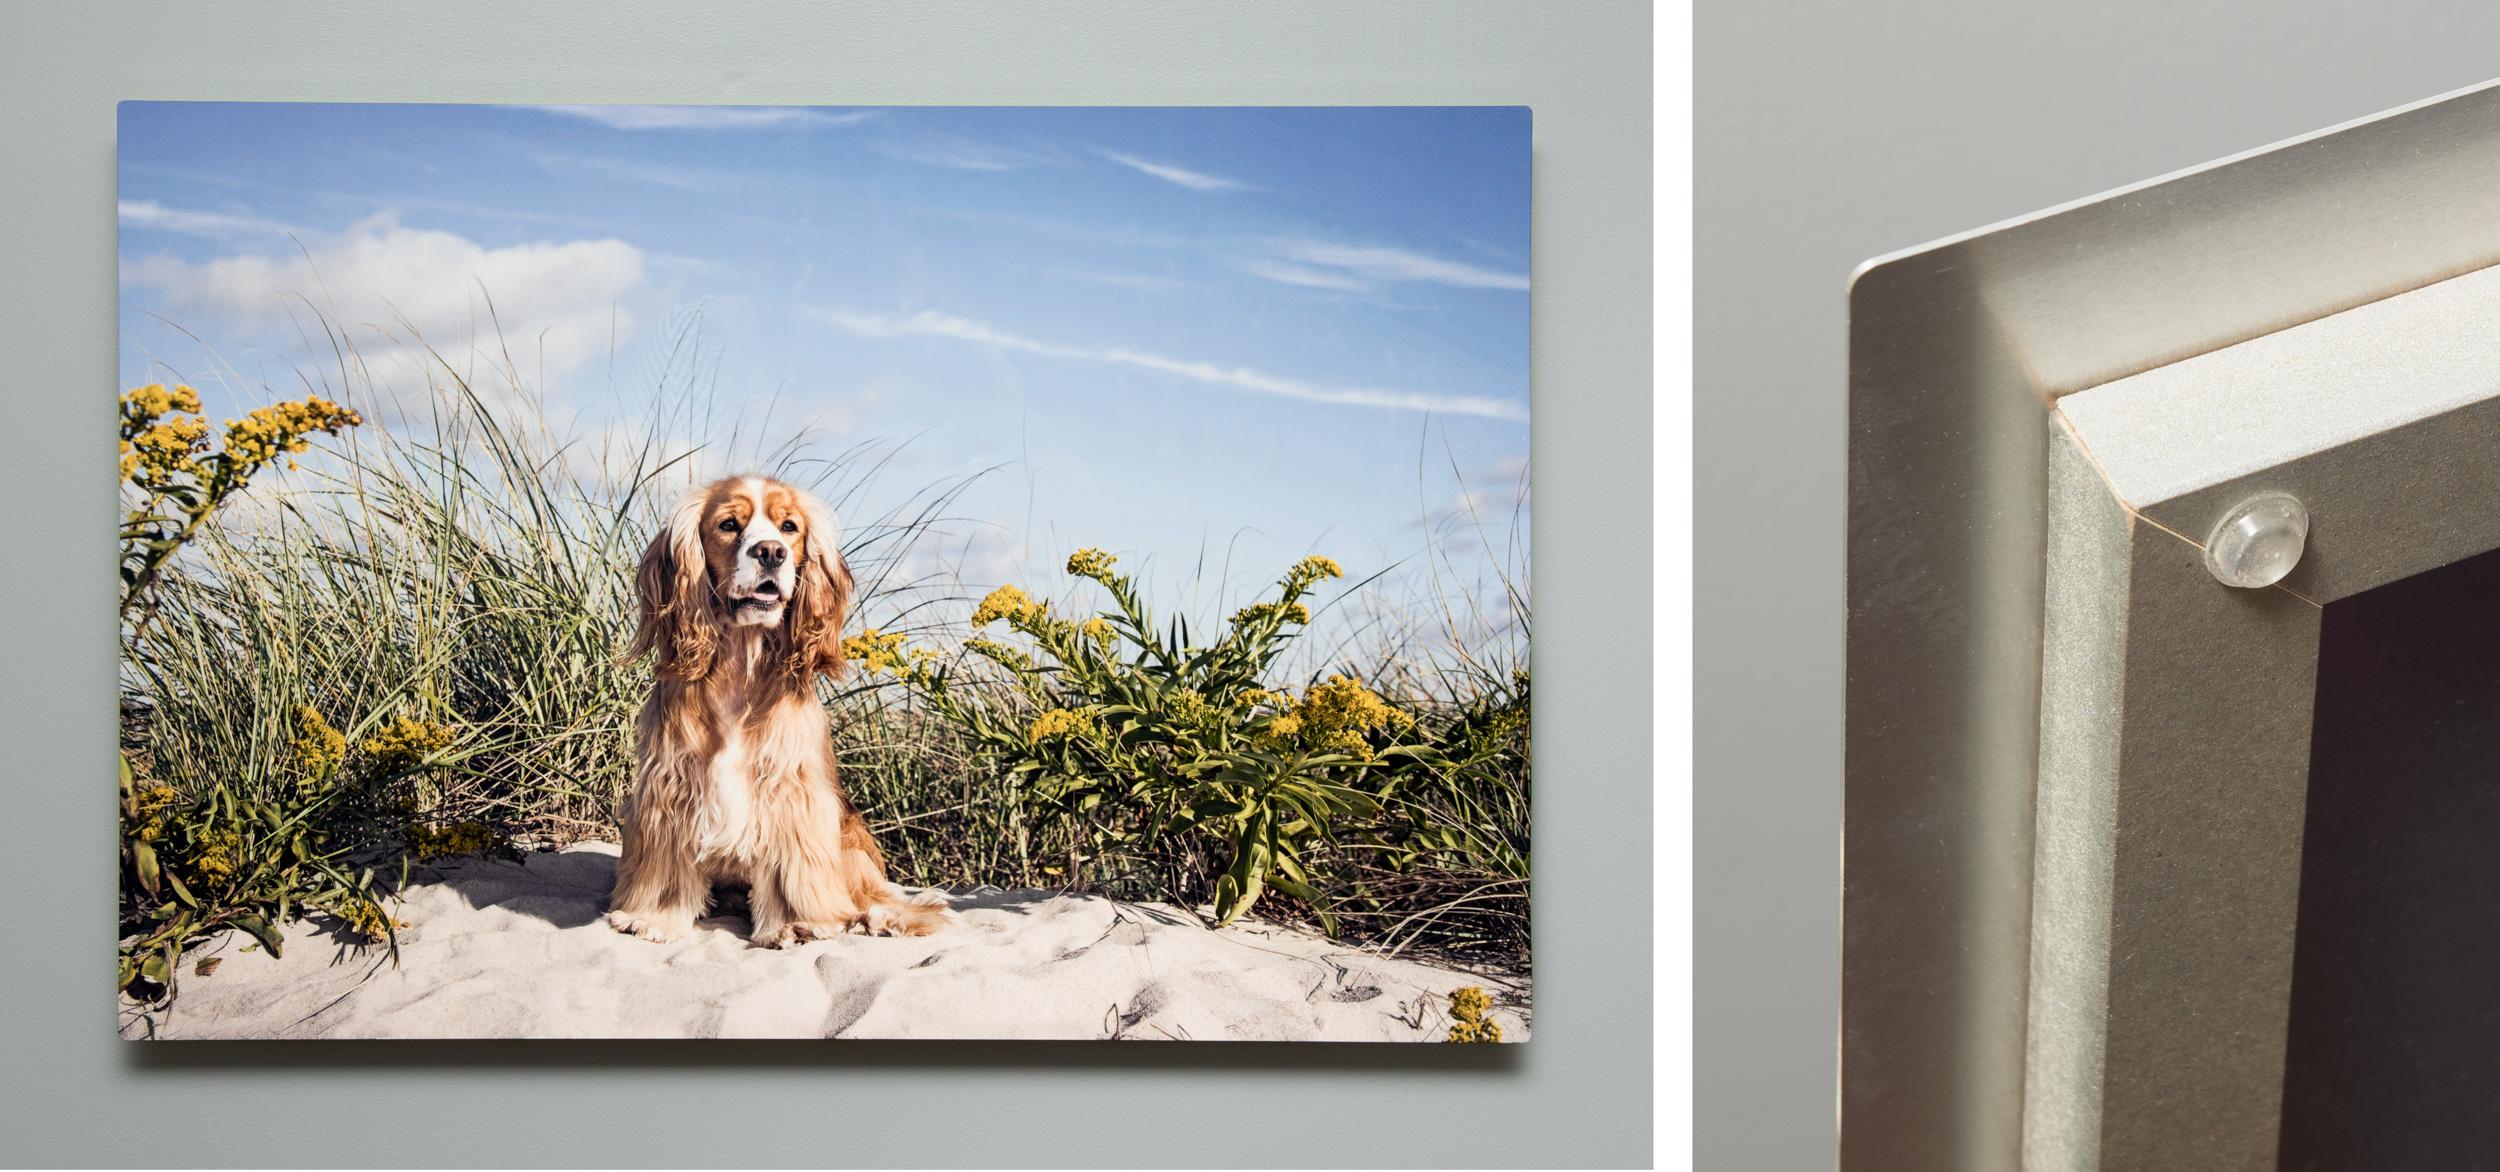 Dee is for Dogs_DSC_9761-Edit.JPG